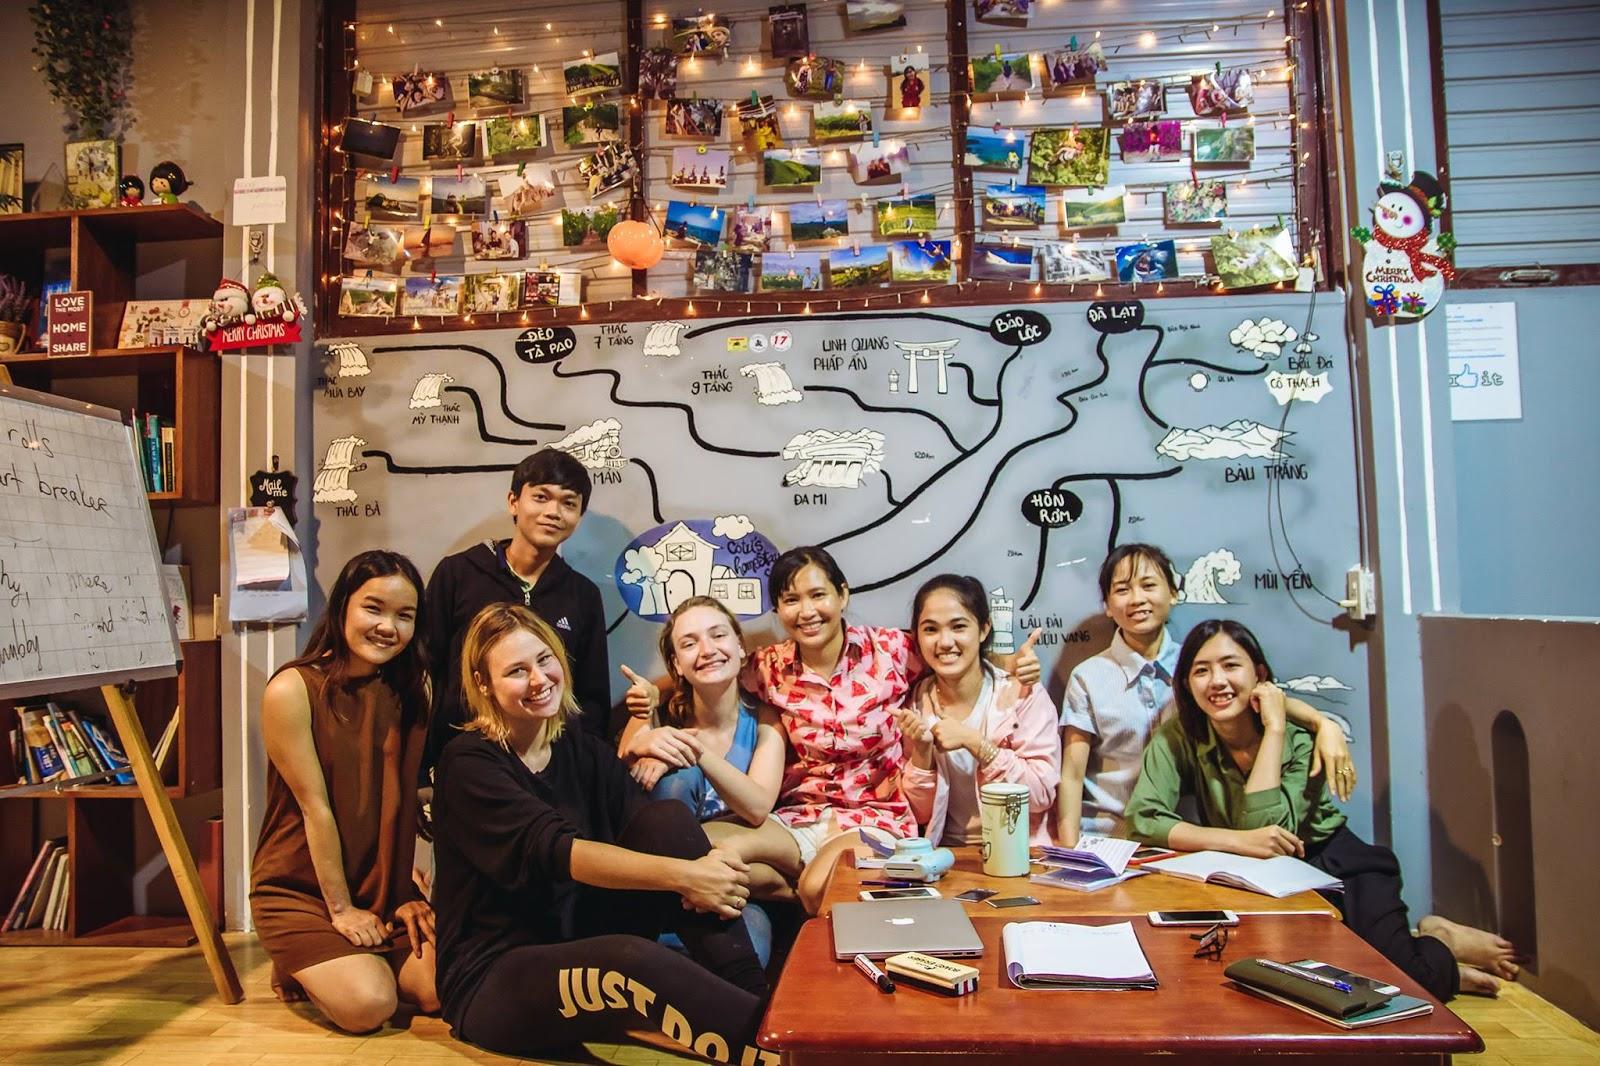 Cùng sống, cùng học, cùng chơi và cùng trải nghiệm với người nước ngoài